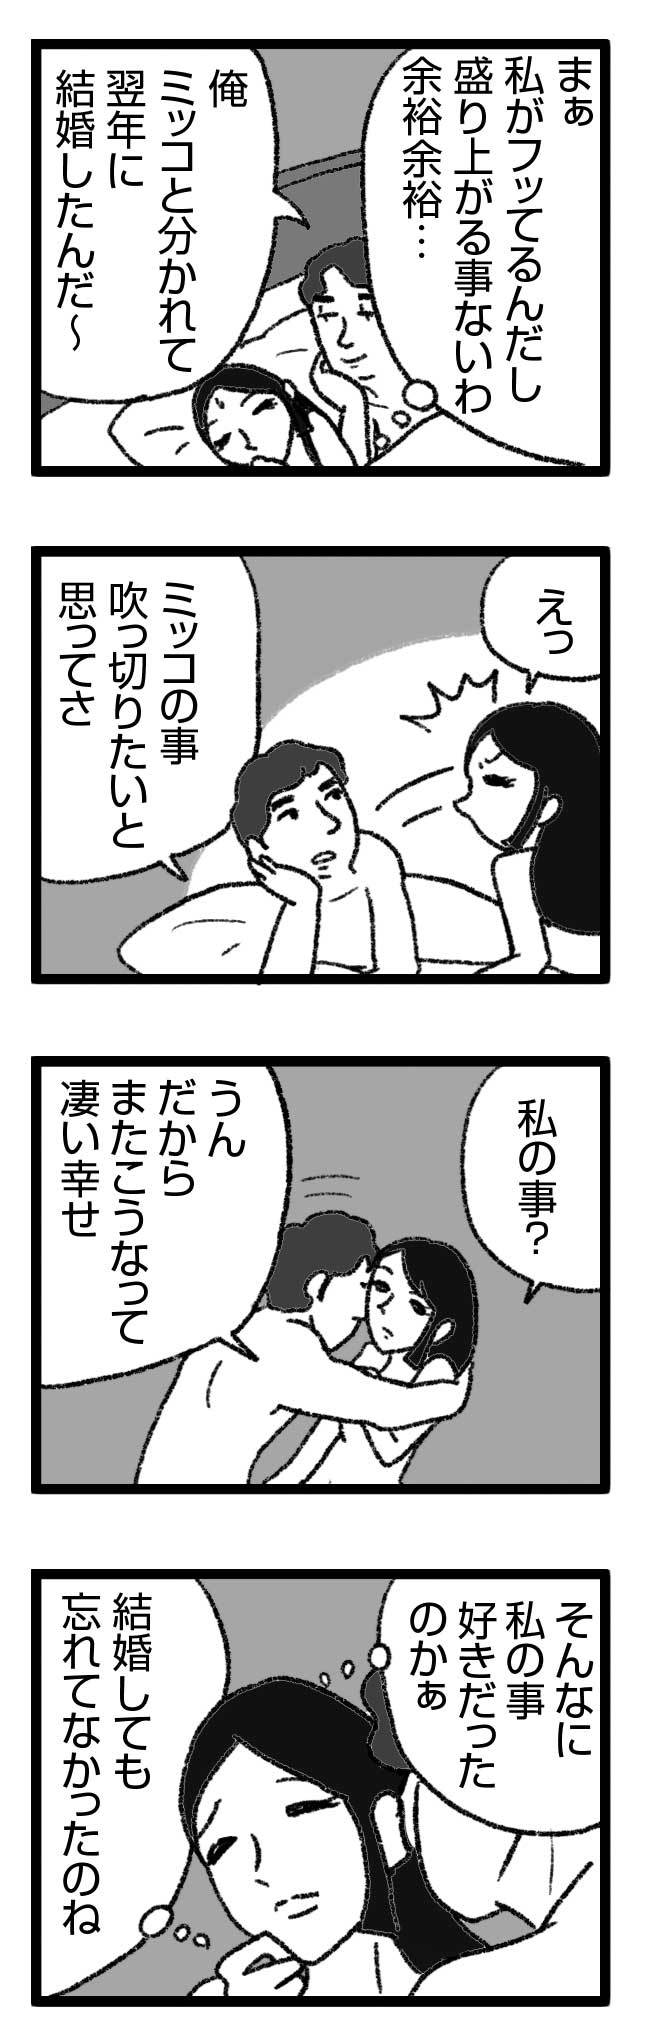 トシオ13 同居 結婚 婚活 漫画 マンガ まんが レス